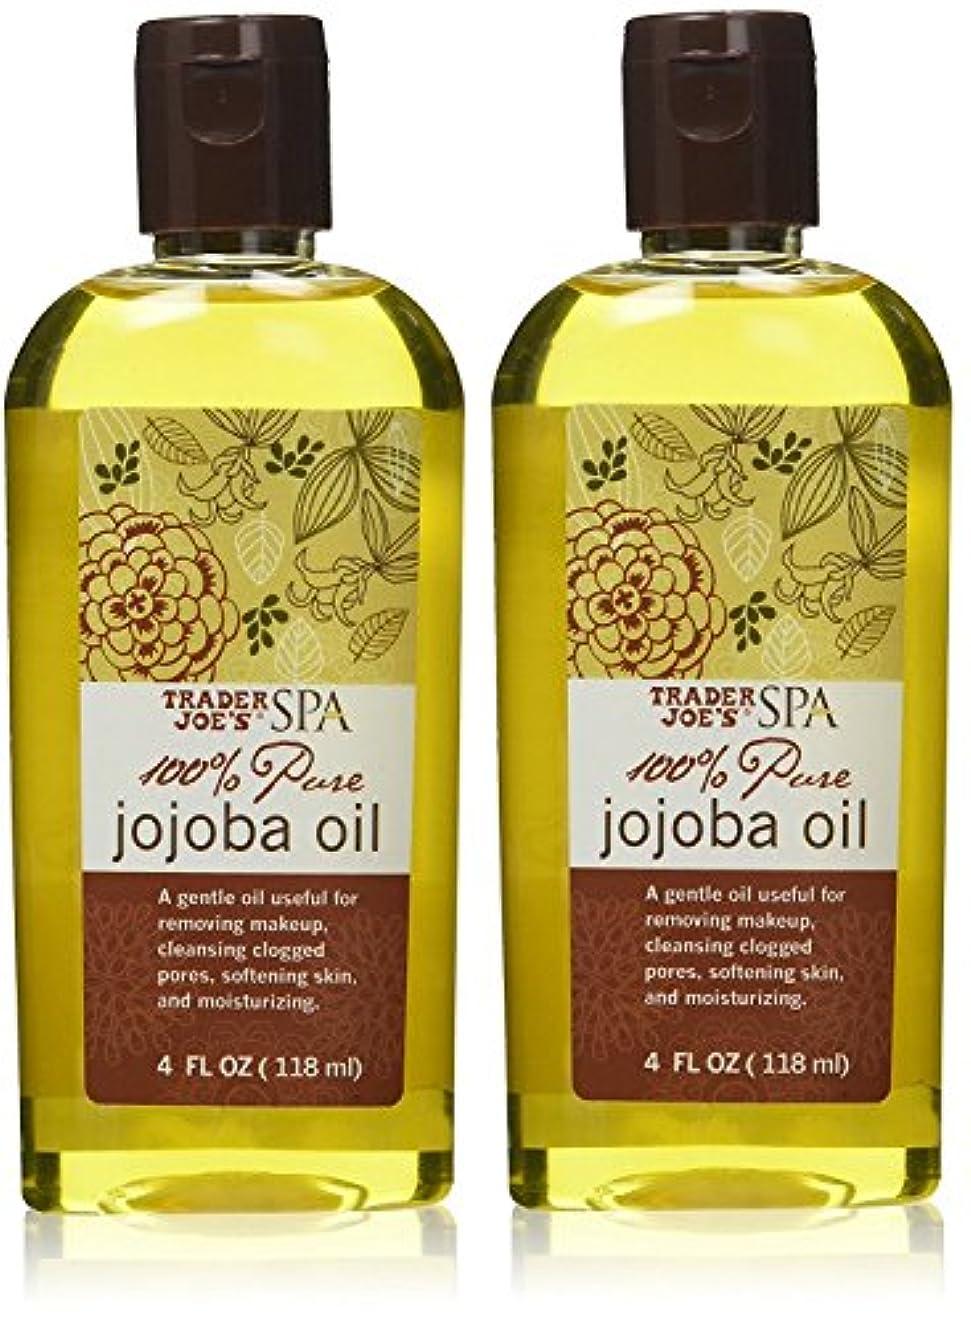 公爵音組み立てるトレーダージョーズ 100%ピュア ホホバオイル【2個セット】 [並行輸入品] Trader Joe's SPA 100% Pure Jojoba Oil (4FL OZ/118ml)